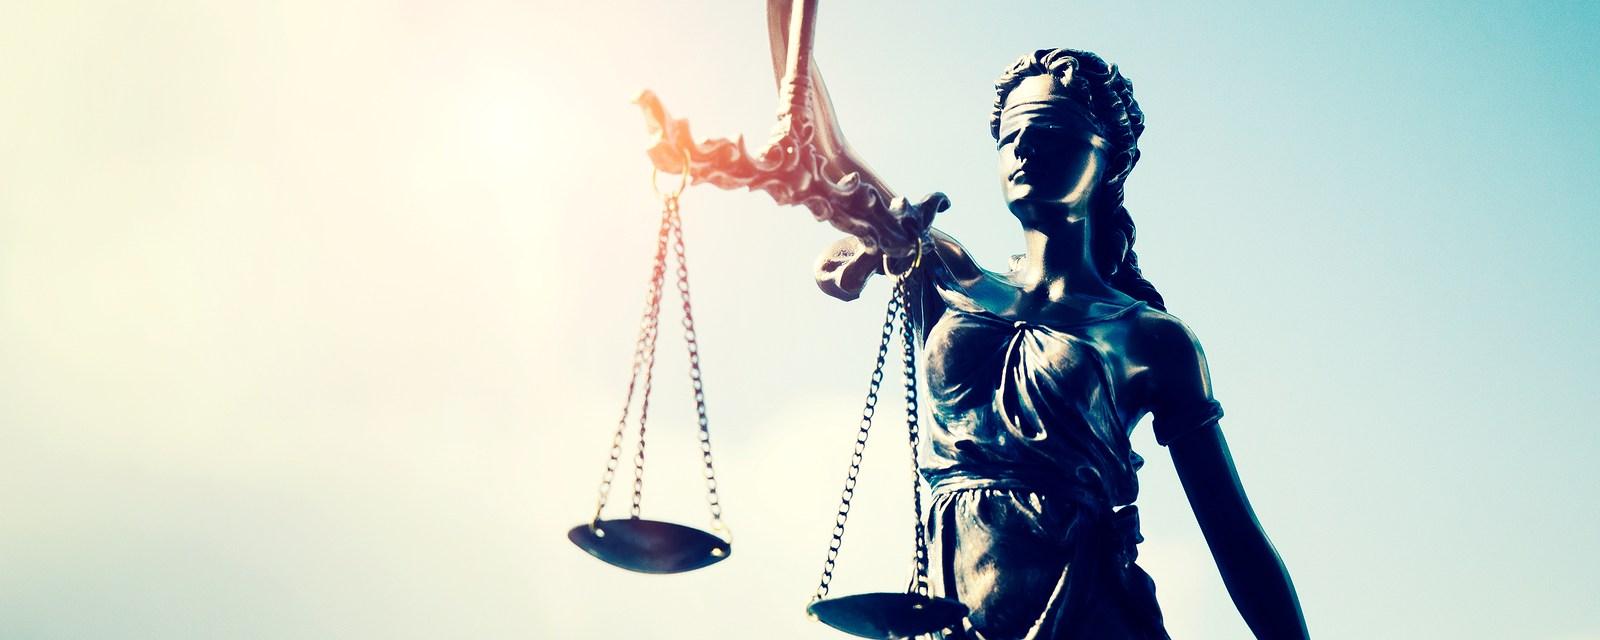 law justice lawsuit